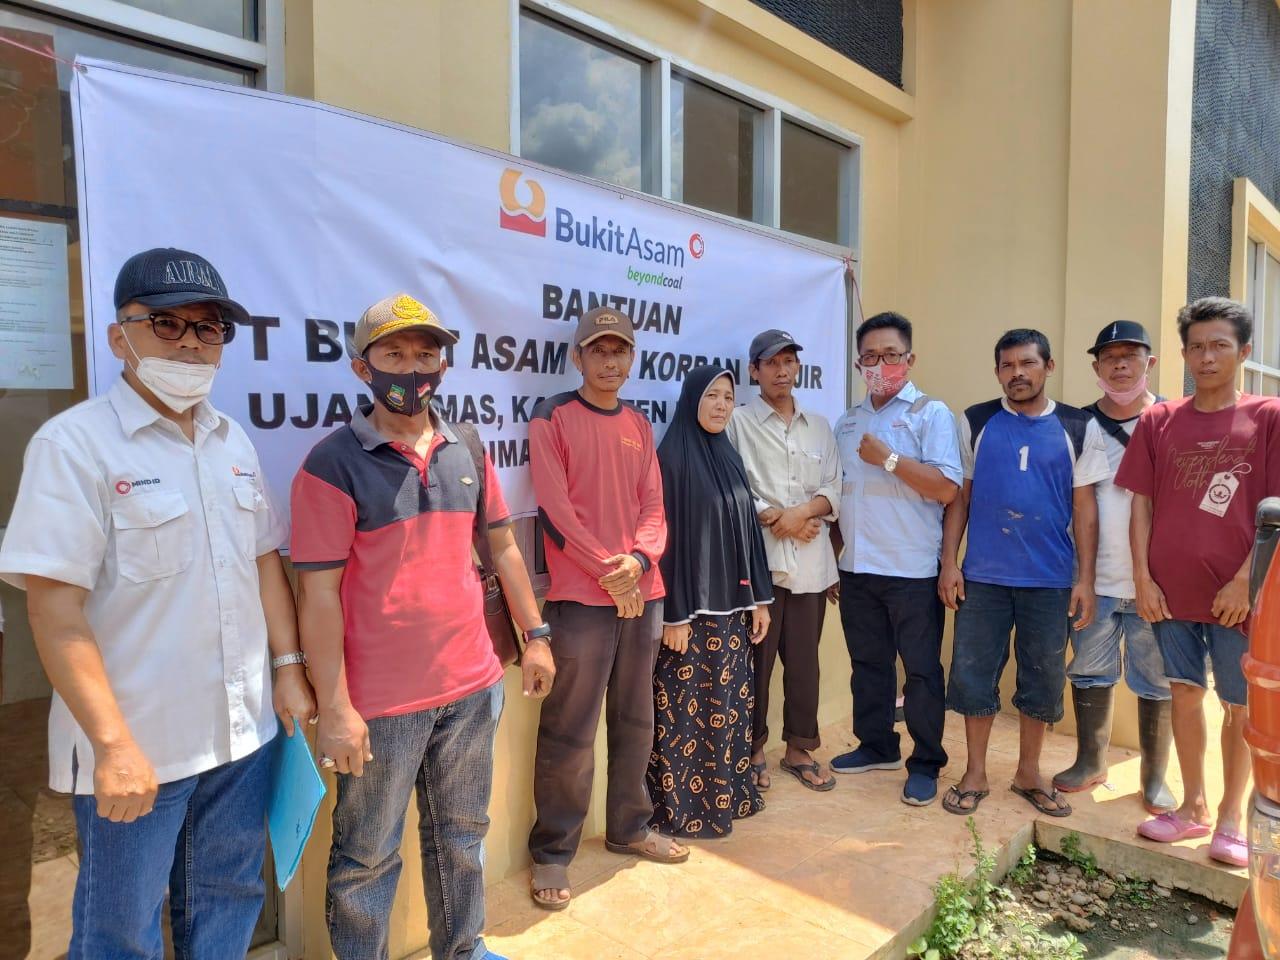 PTBA Beri Paket Sembako Untuk Korban Banjir Di Ujan Mas